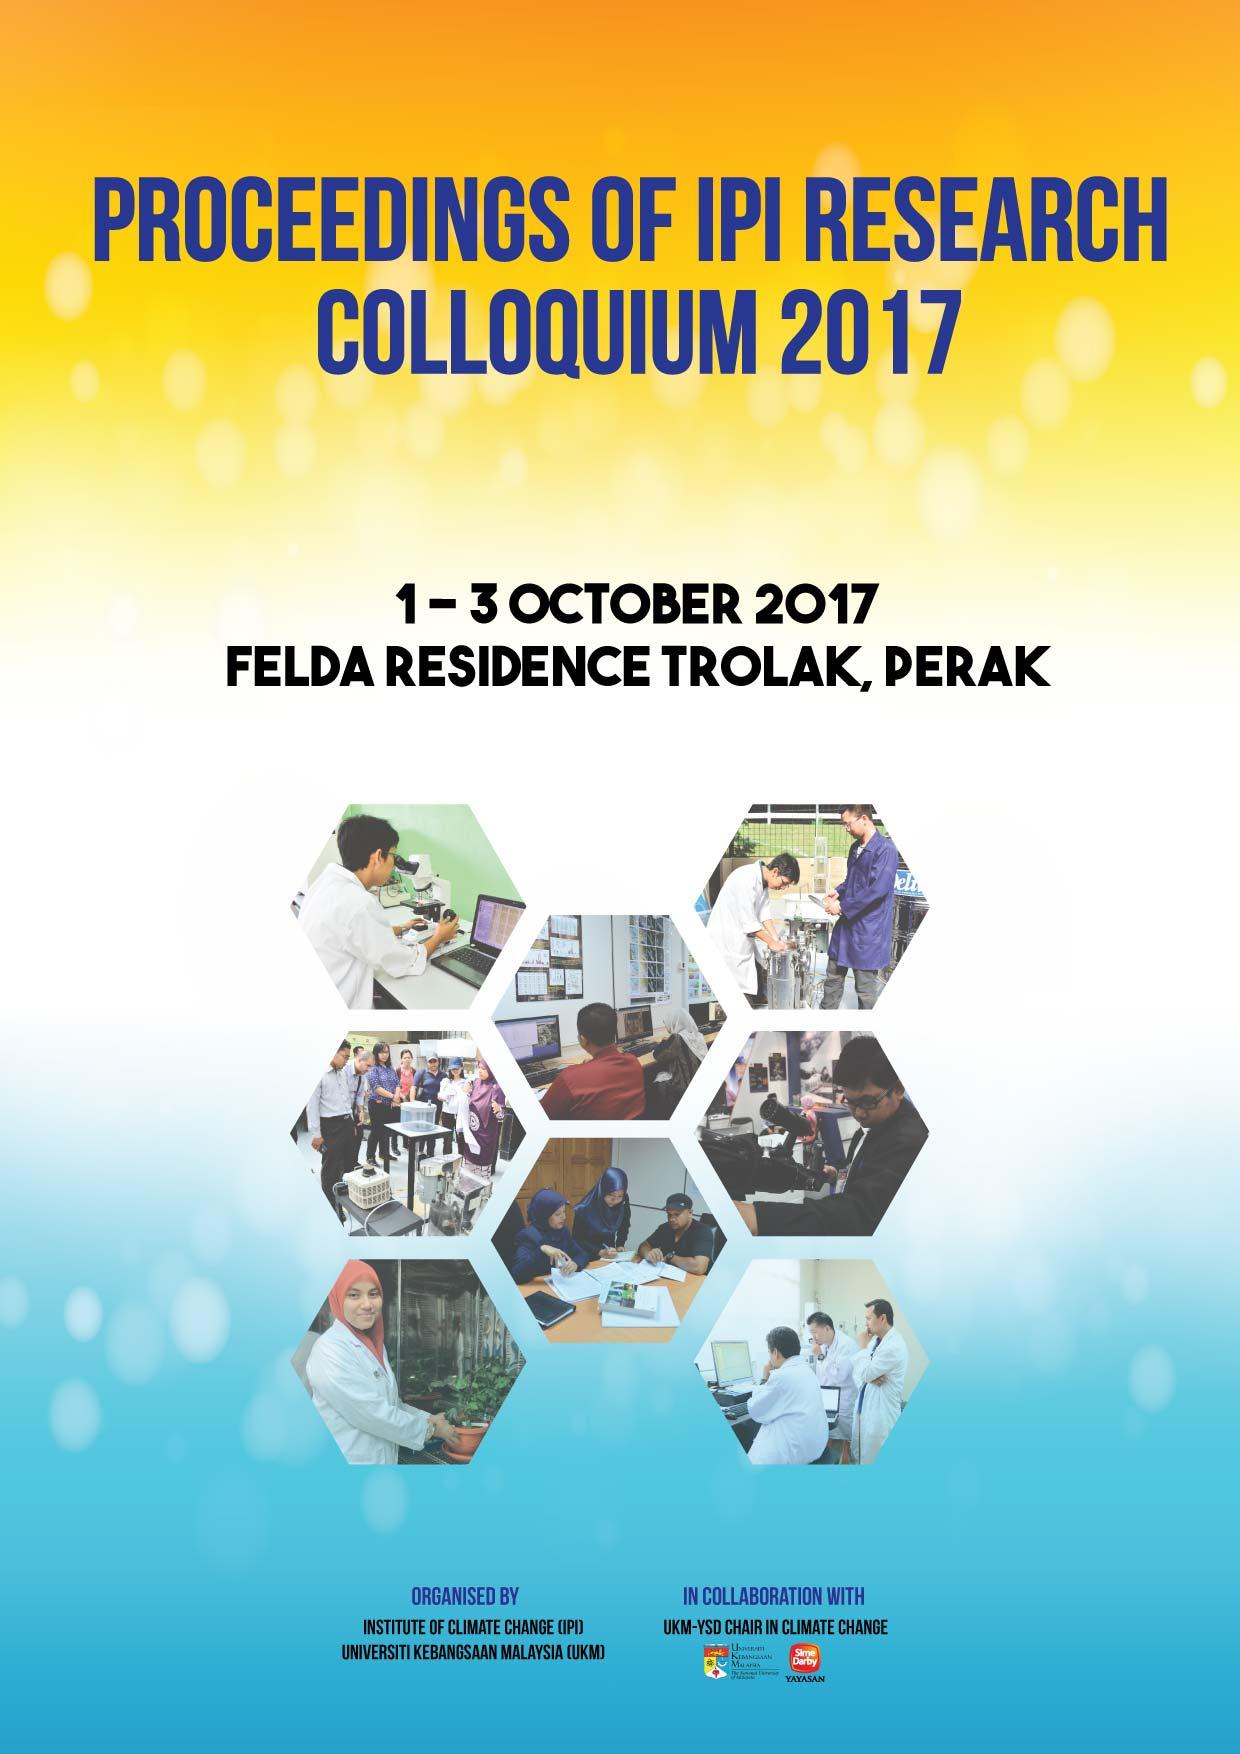 Proceeding of IPI Research Colloquium 2017